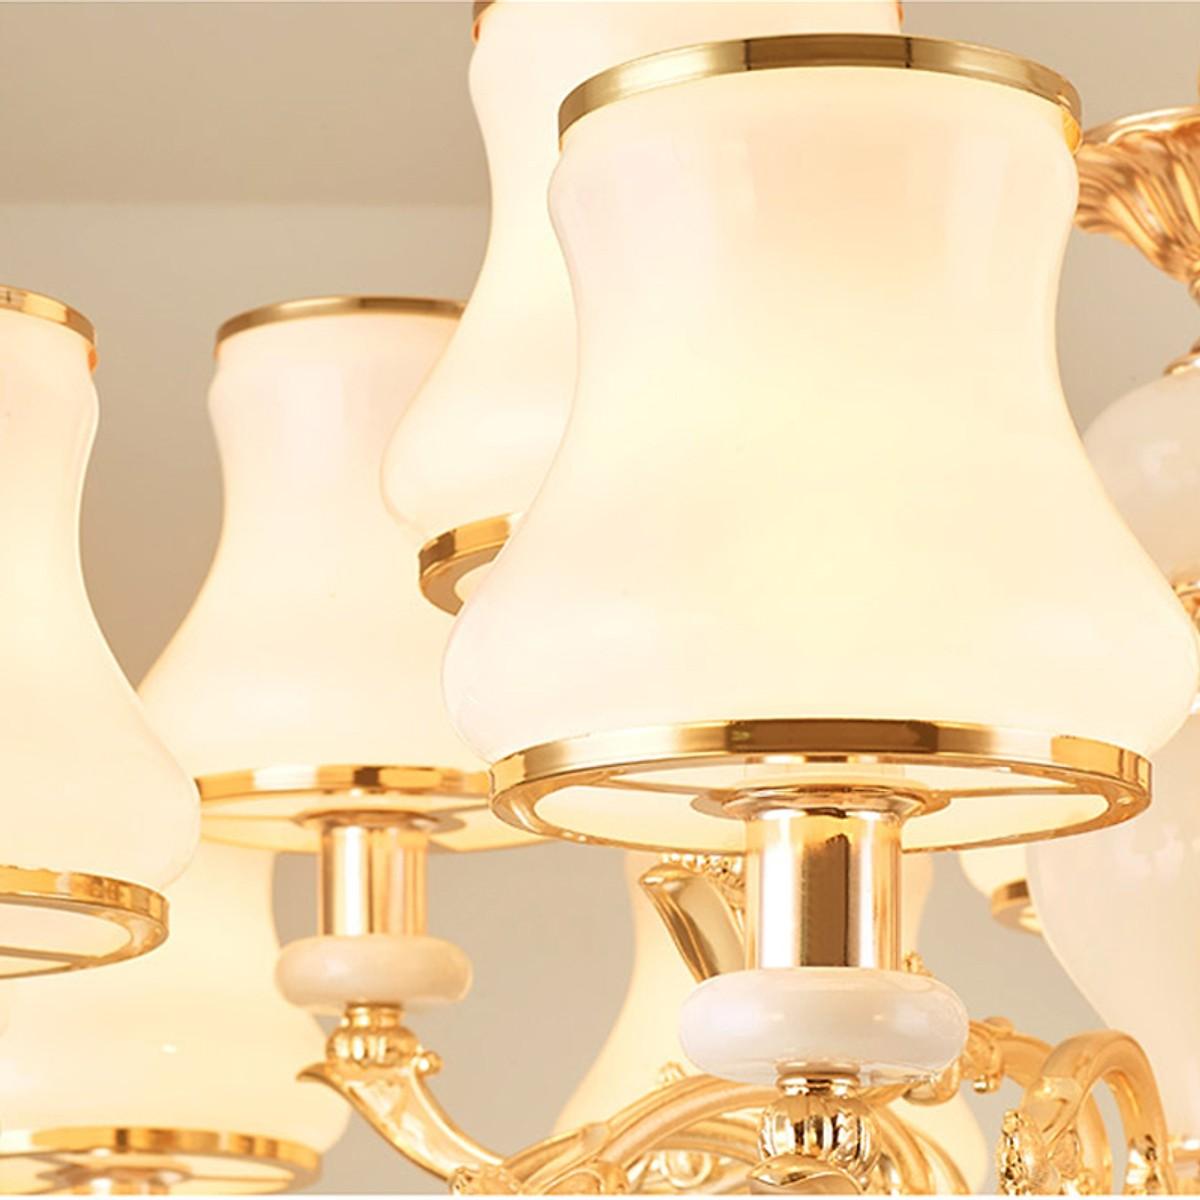 Đèn chùm phong cách Châu Âu hiện đại 8 tay tiết kiệm năng lượng